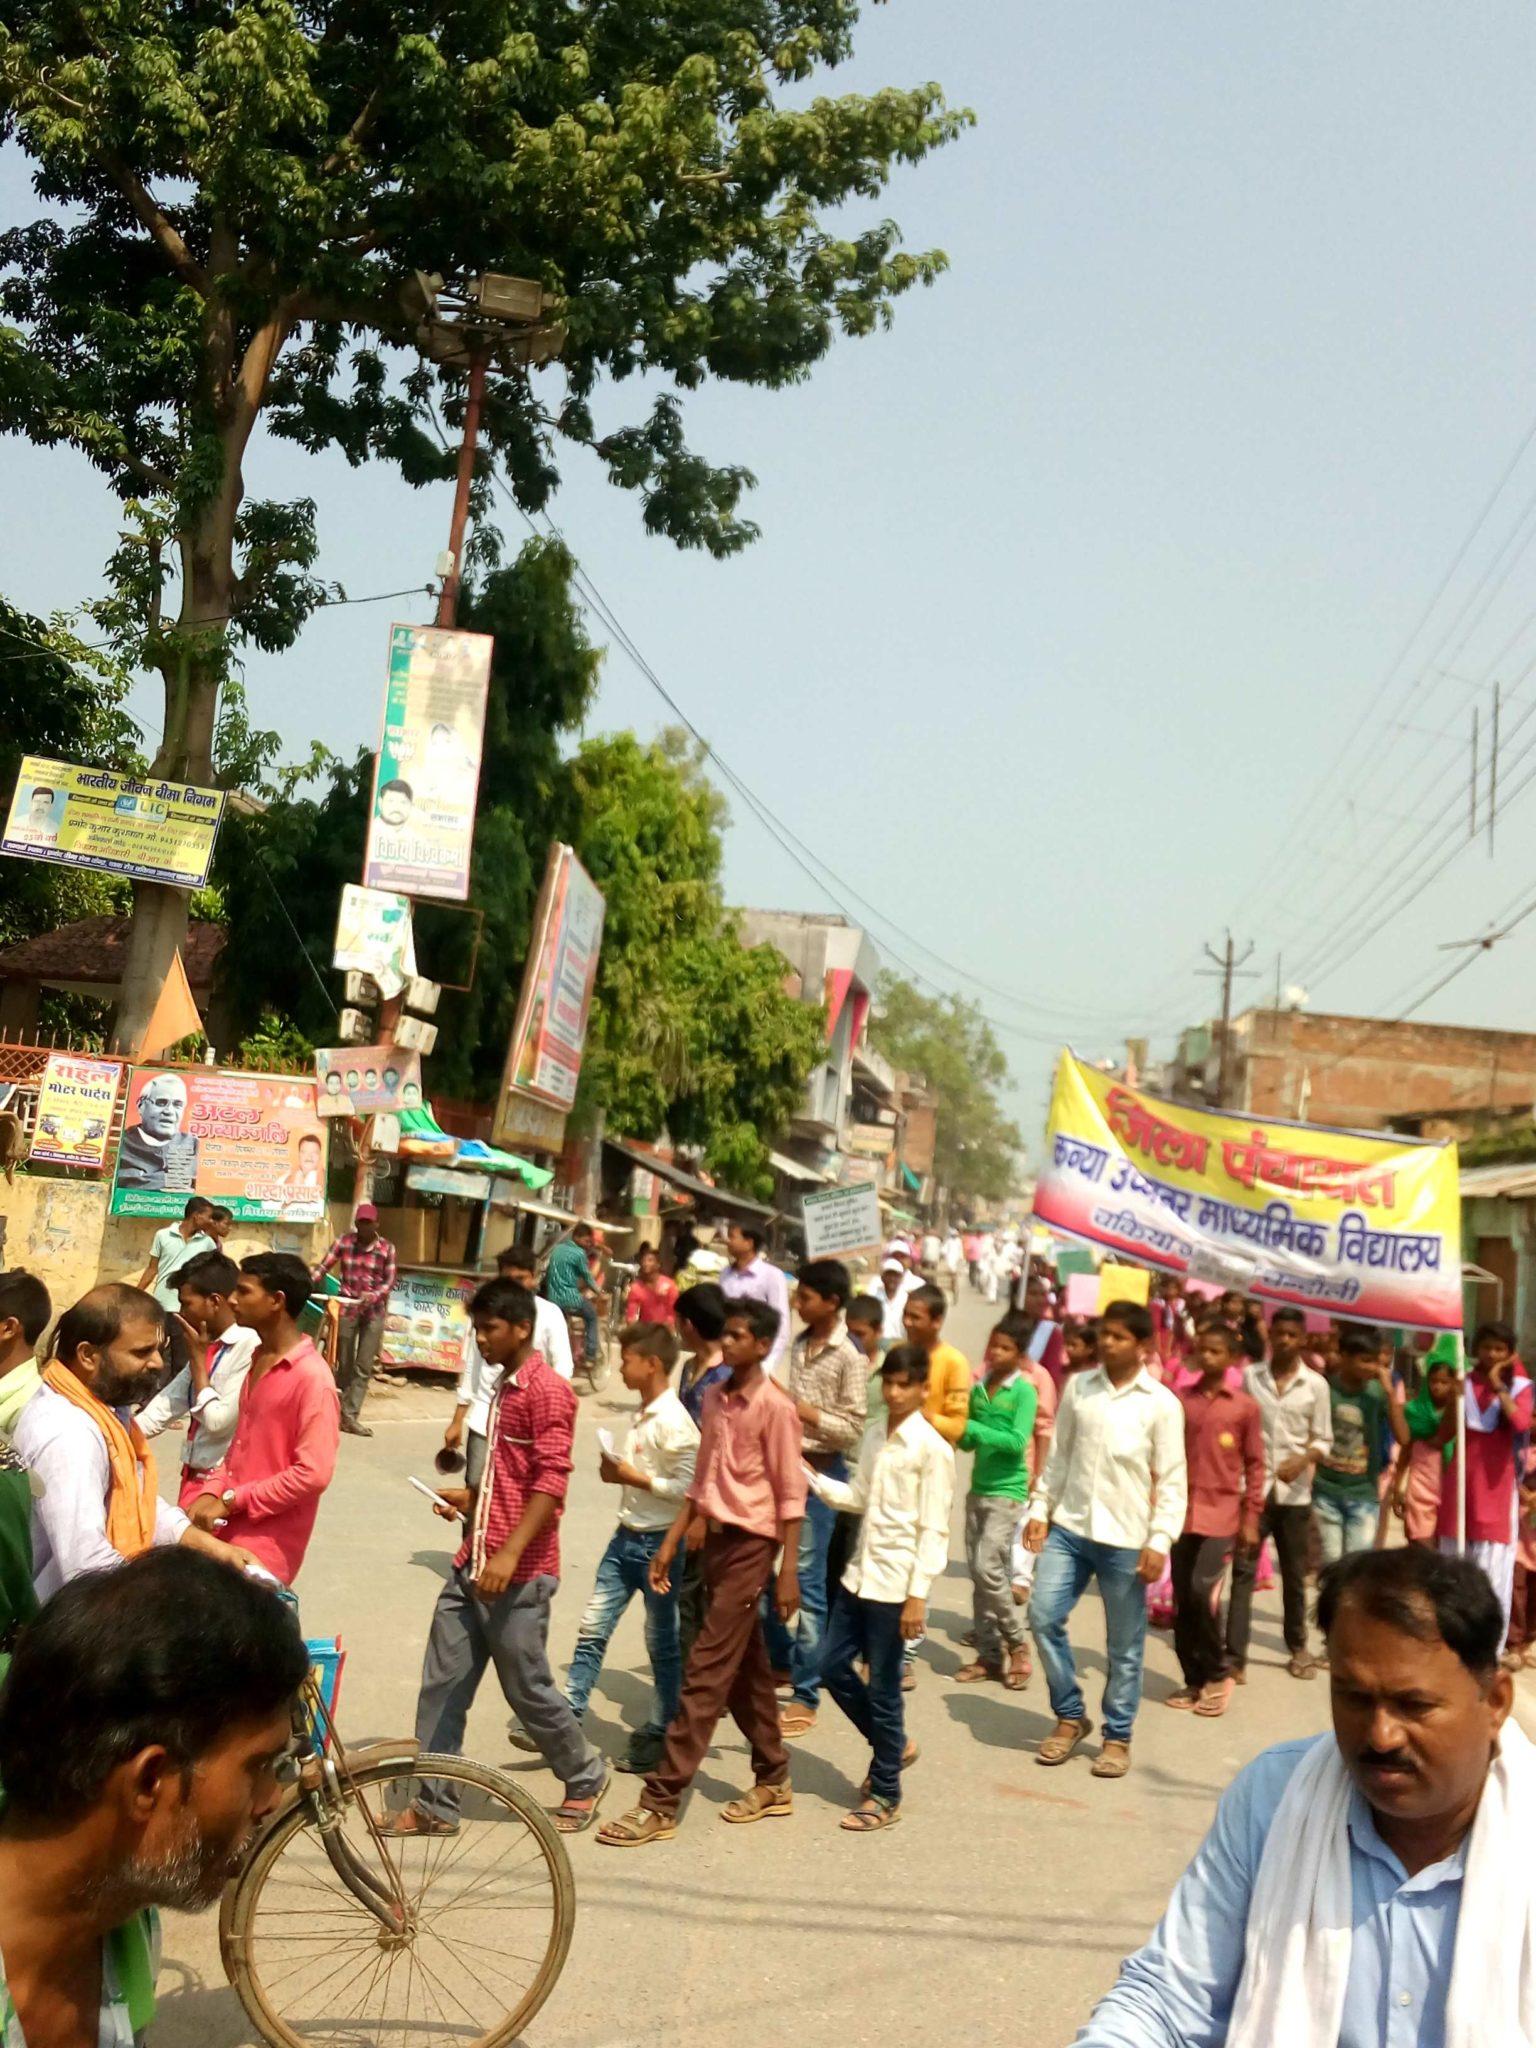 स्वच्छ भारत अभियान के तहत स्कूल के छात्र छात्राओं ने निकाली बिशाल रैली